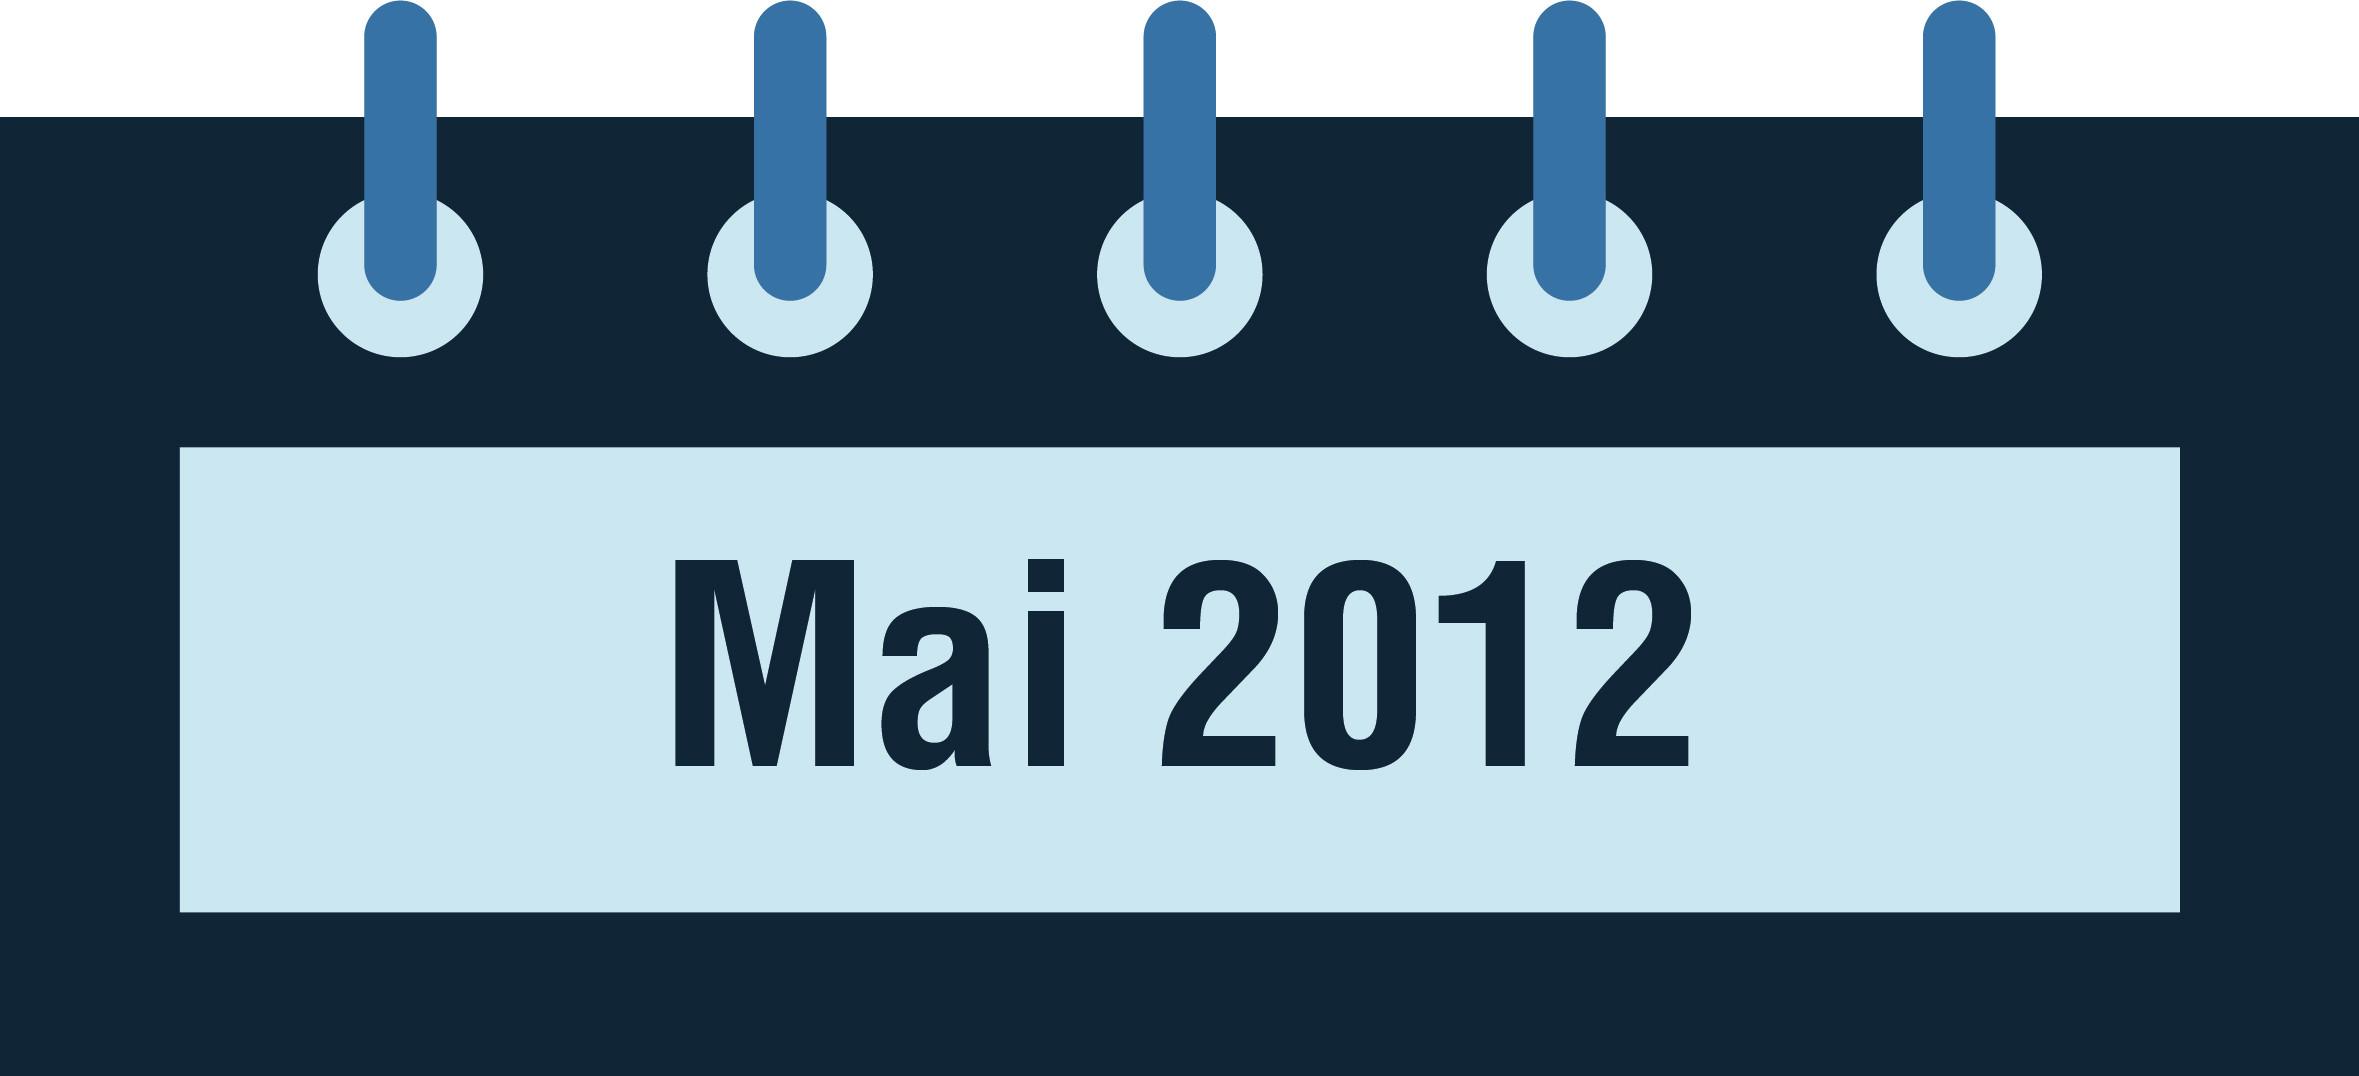 NeuroCheck Geschichte - Mai 2012 (Foto © NeuroCheck)